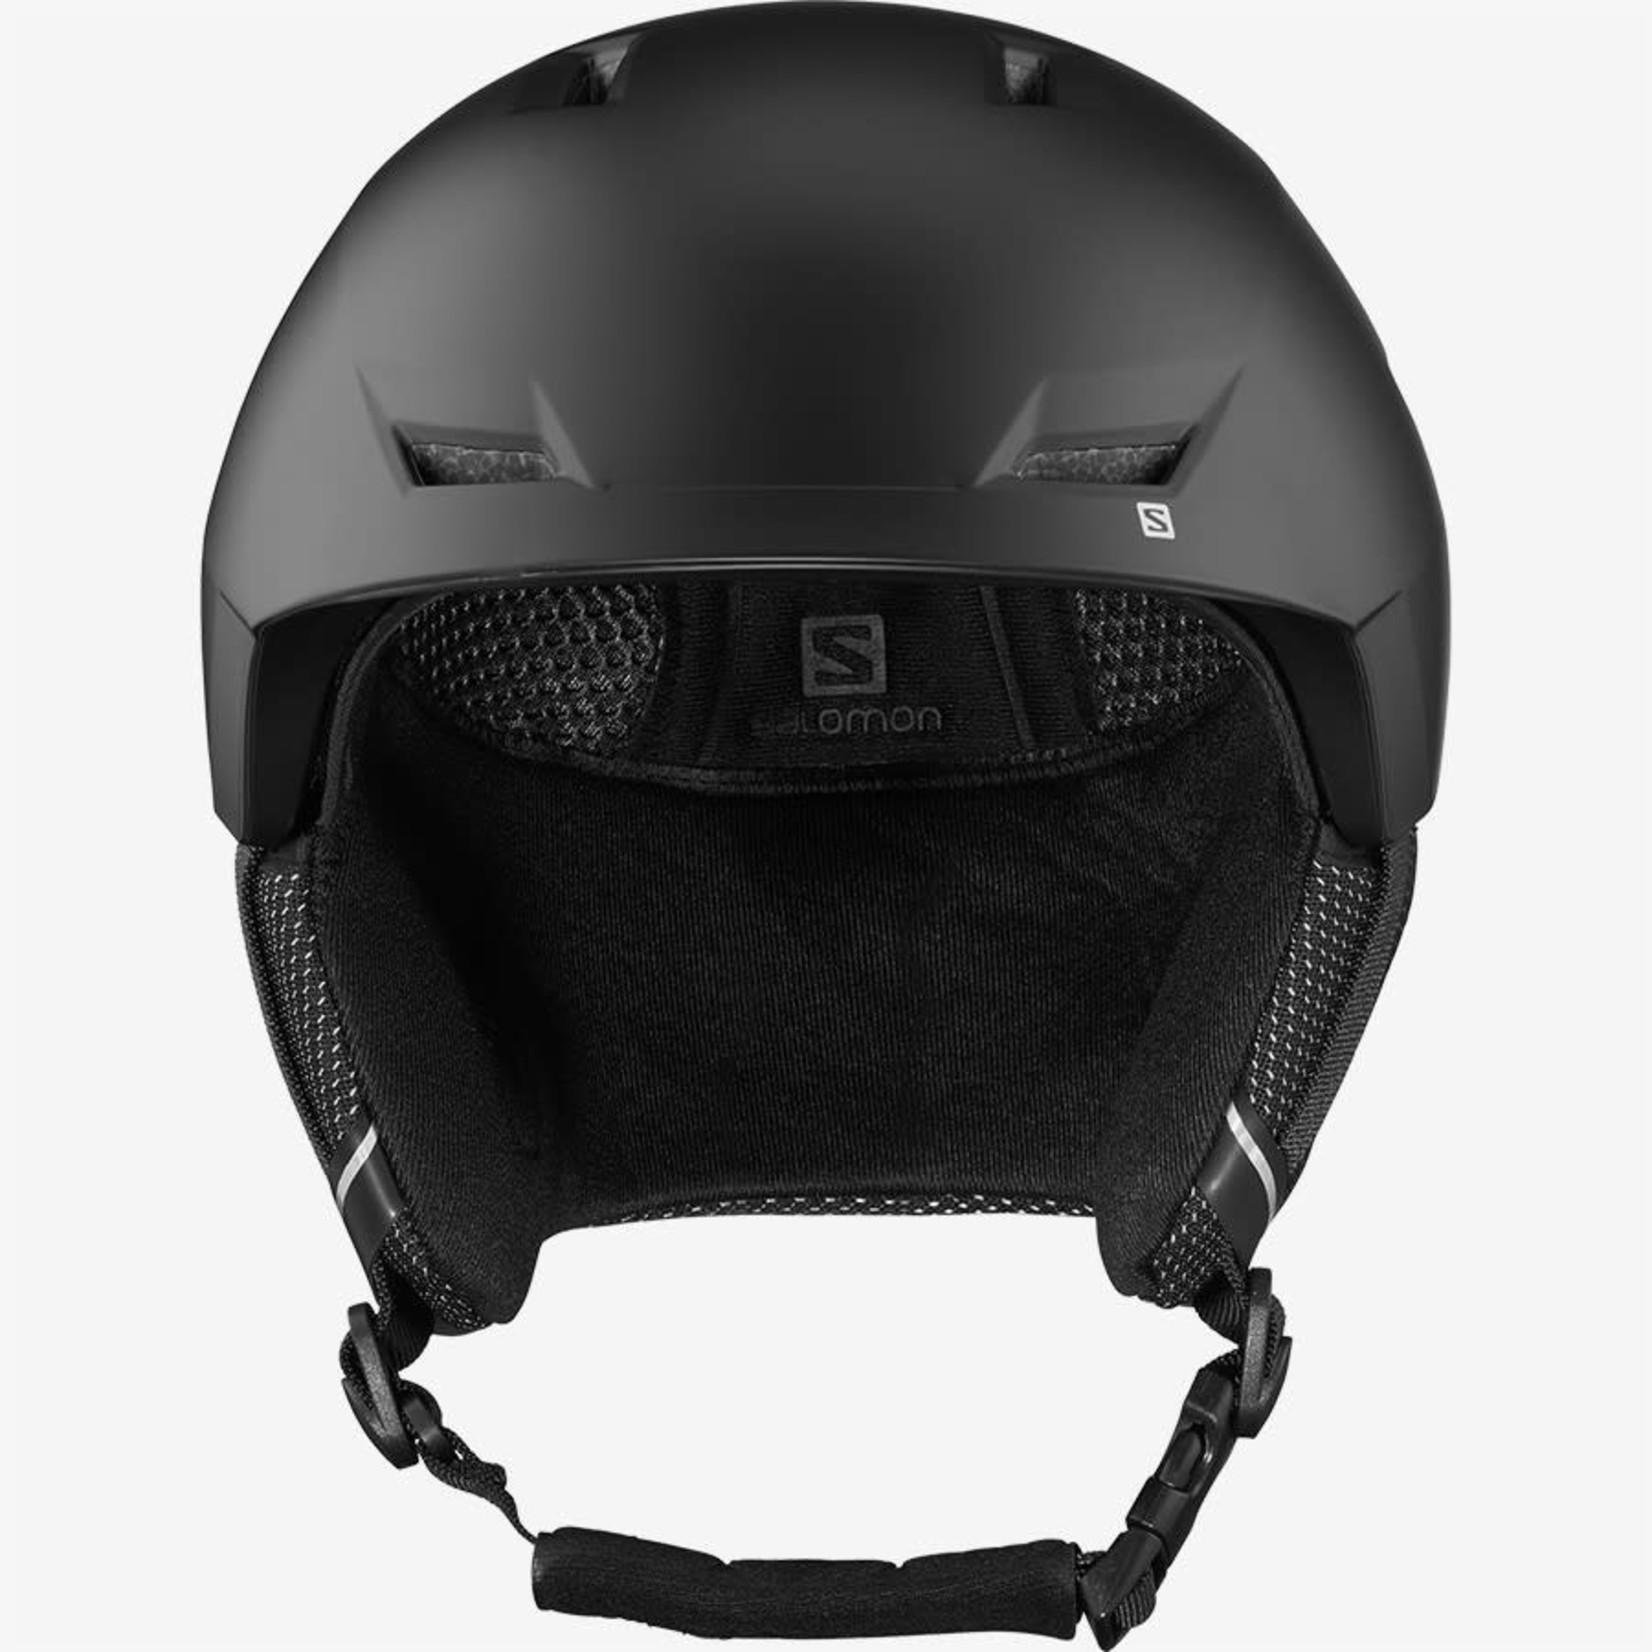 Salomon Salomon Icon LT Helmet - Women